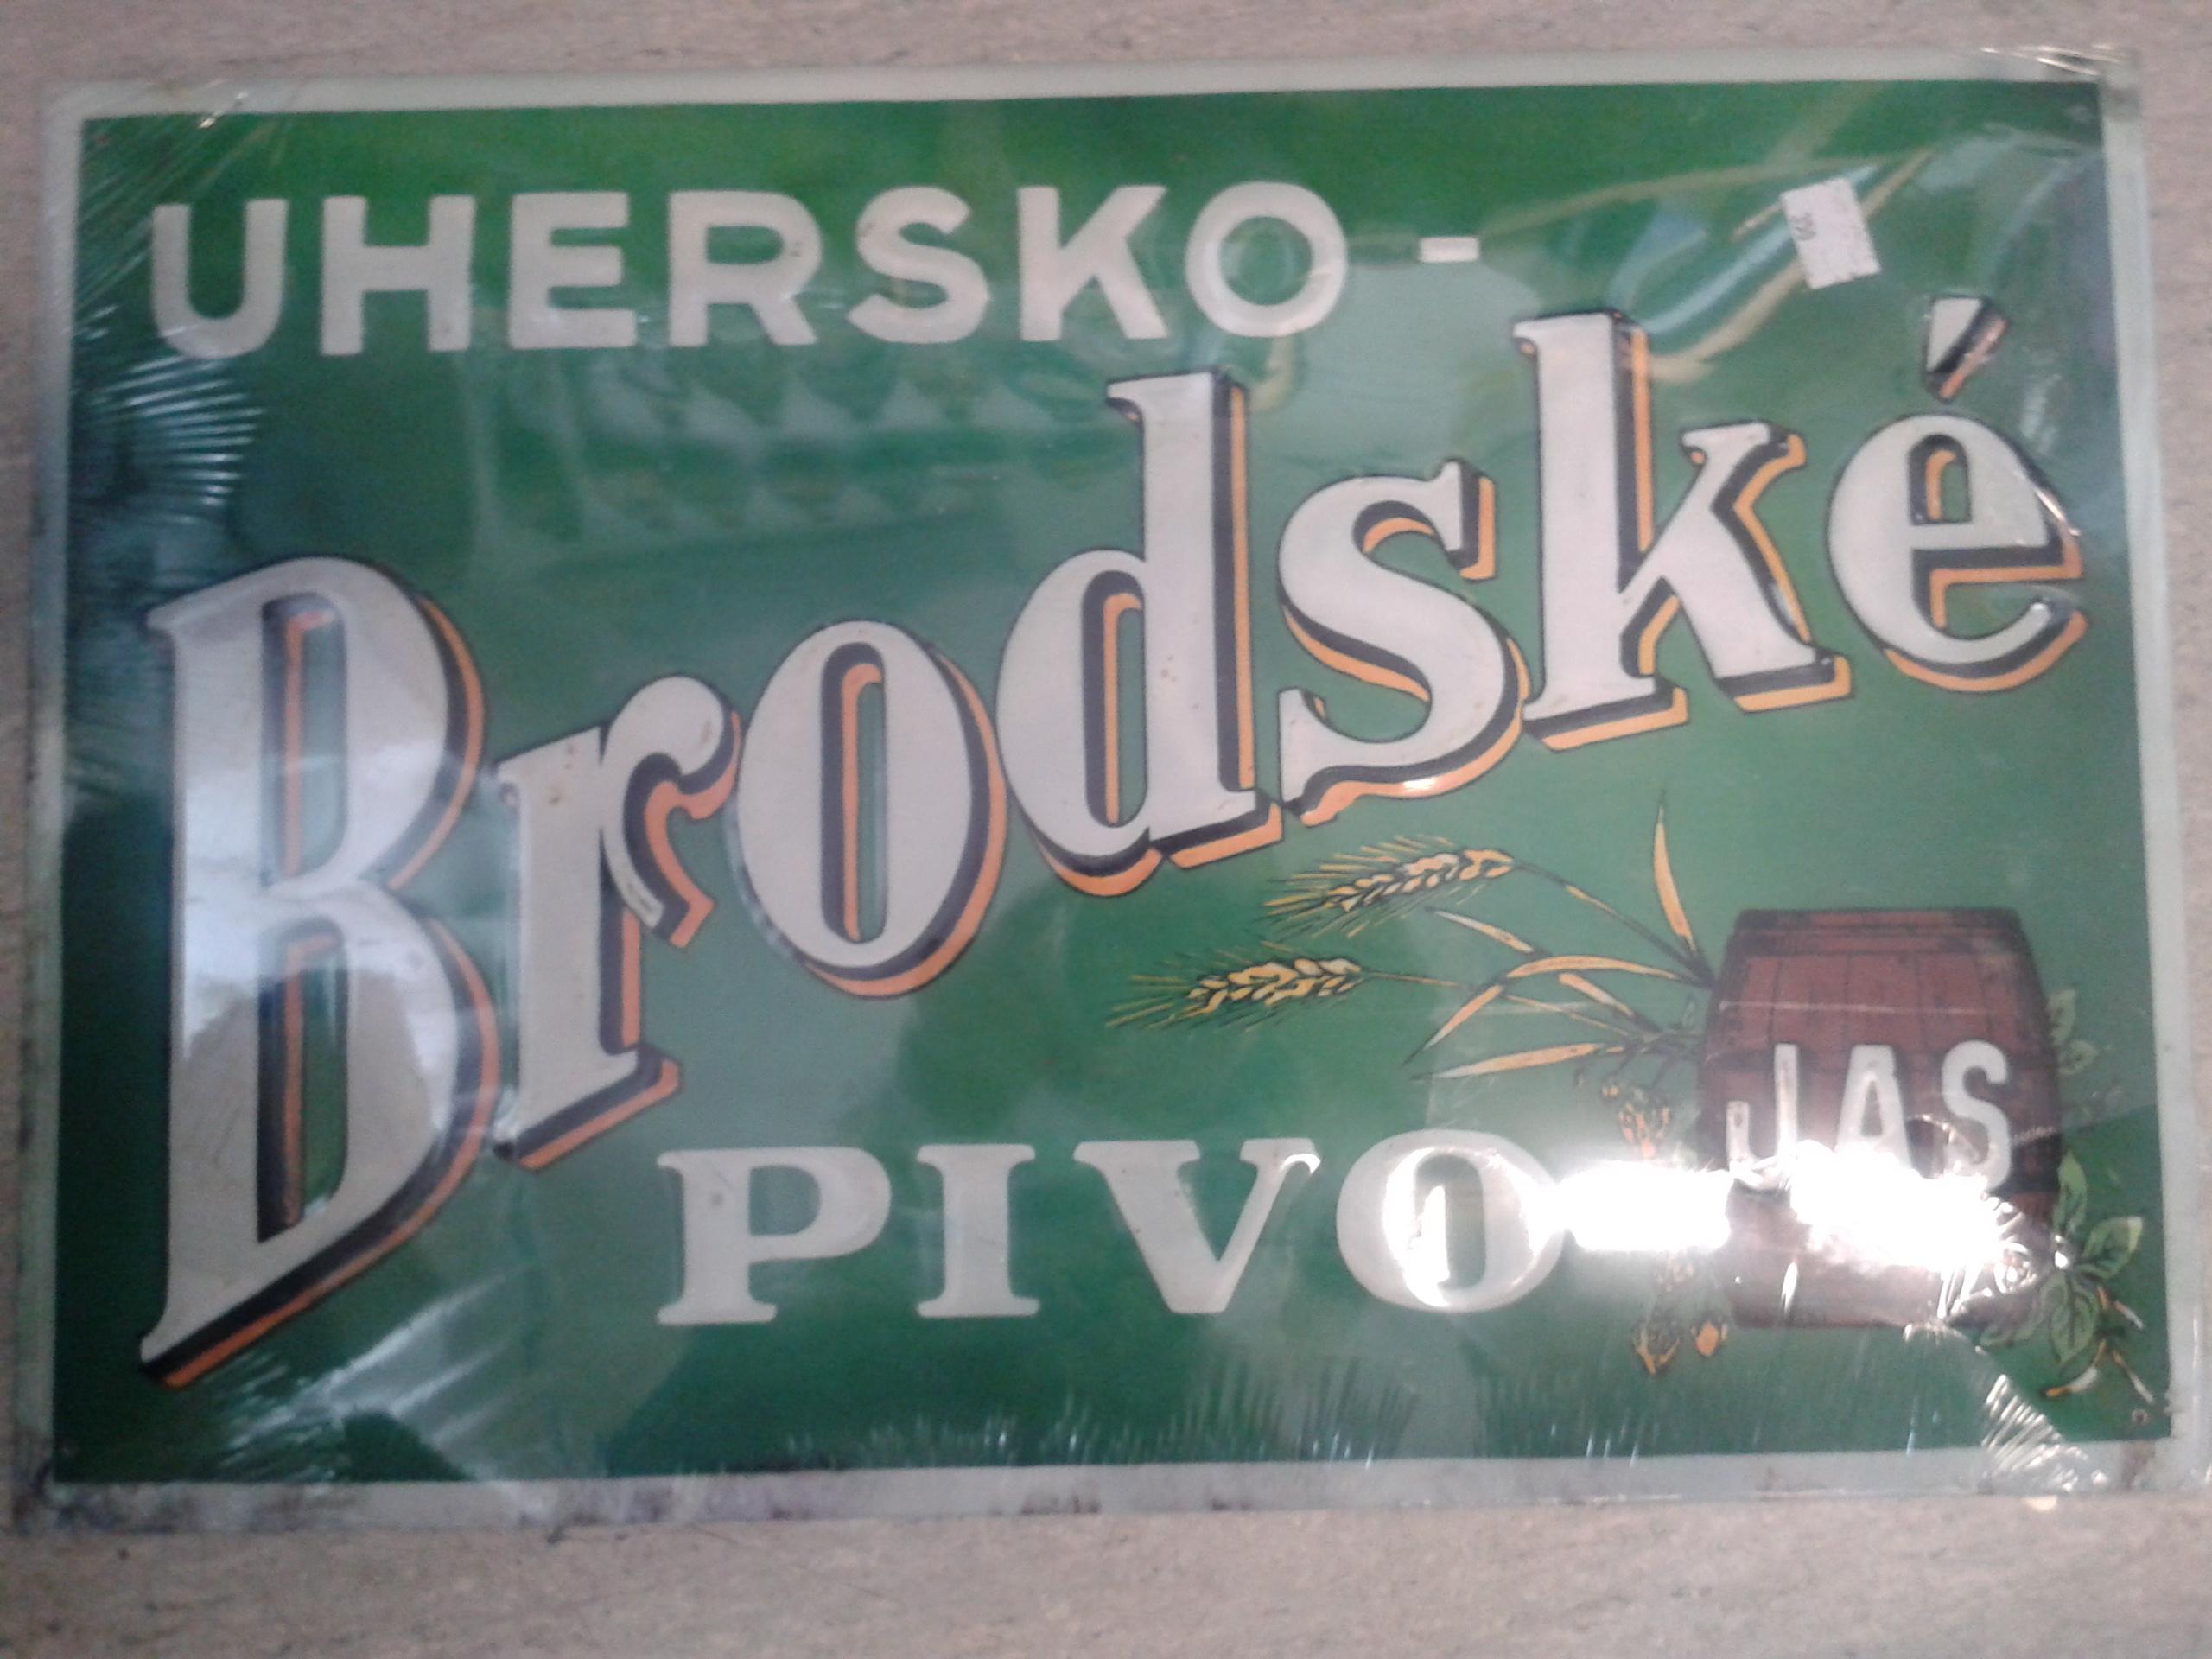 Plechová cedule Uhersko-Brodské pivo